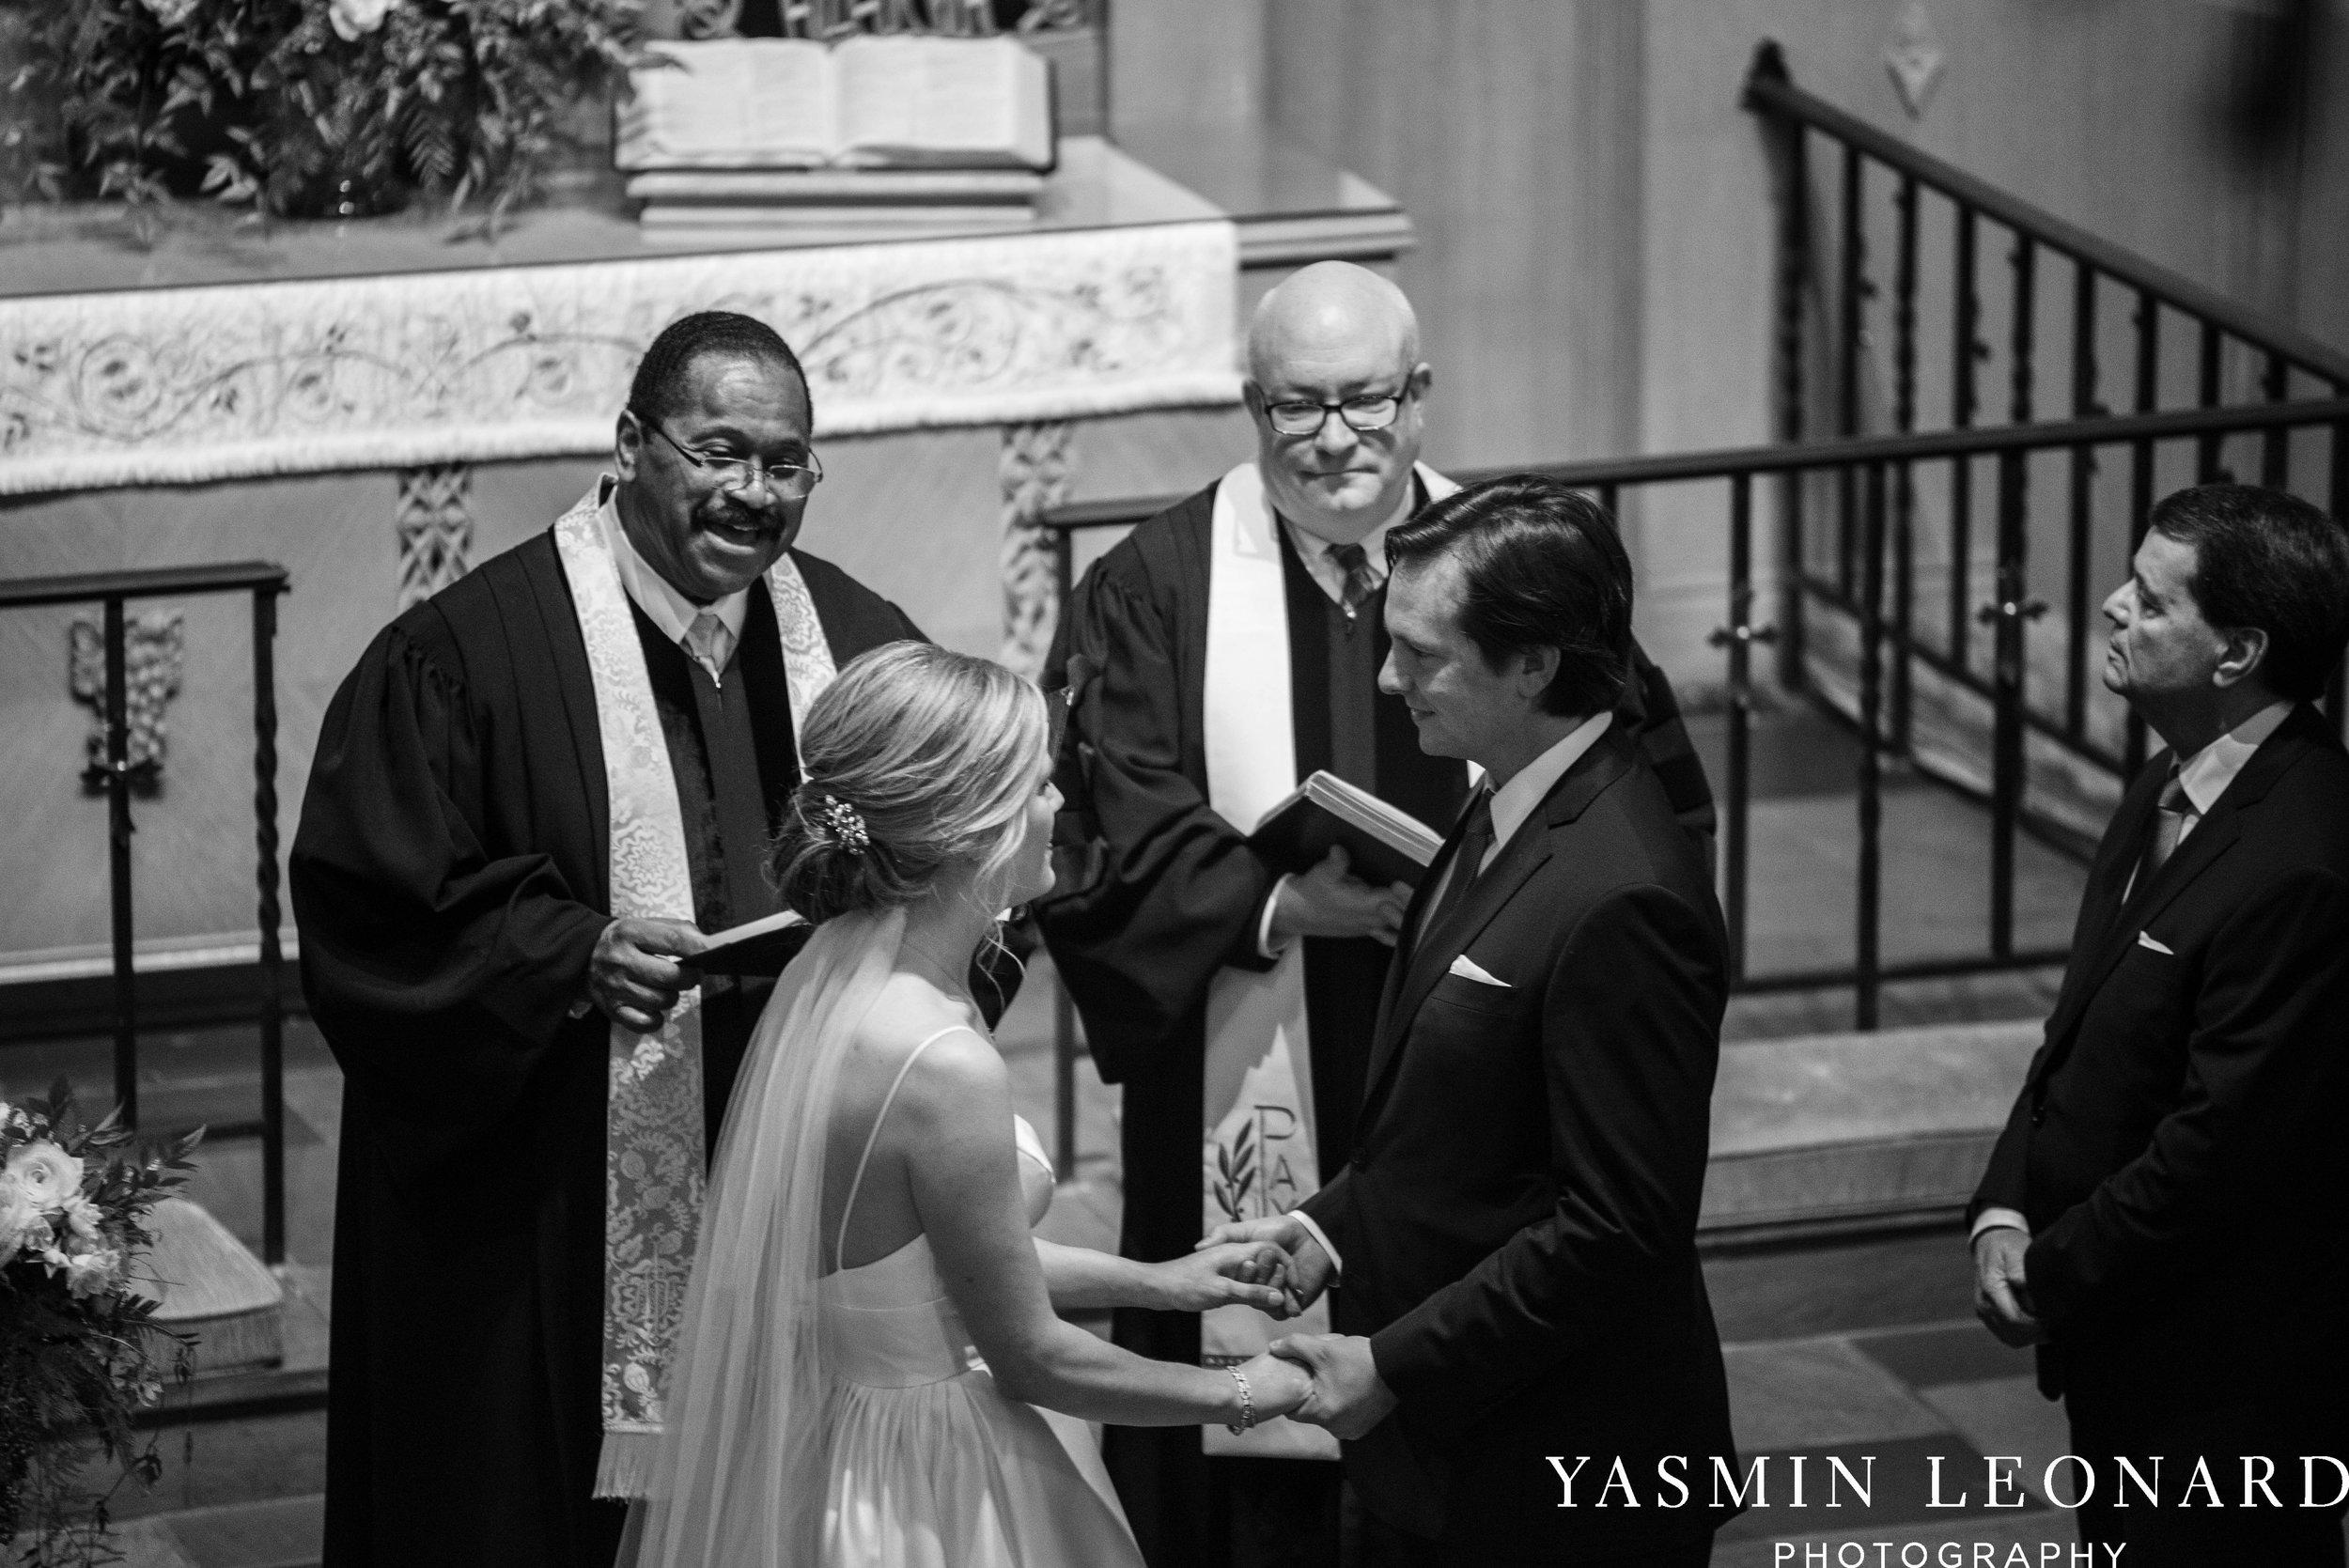 Wesley Memorial United Methodist Church - EmeryWood - High Point Weddings - High Point Wedding Photographer - NC Wedding Photographer - Yasmin Leonard Photography-23.jpg